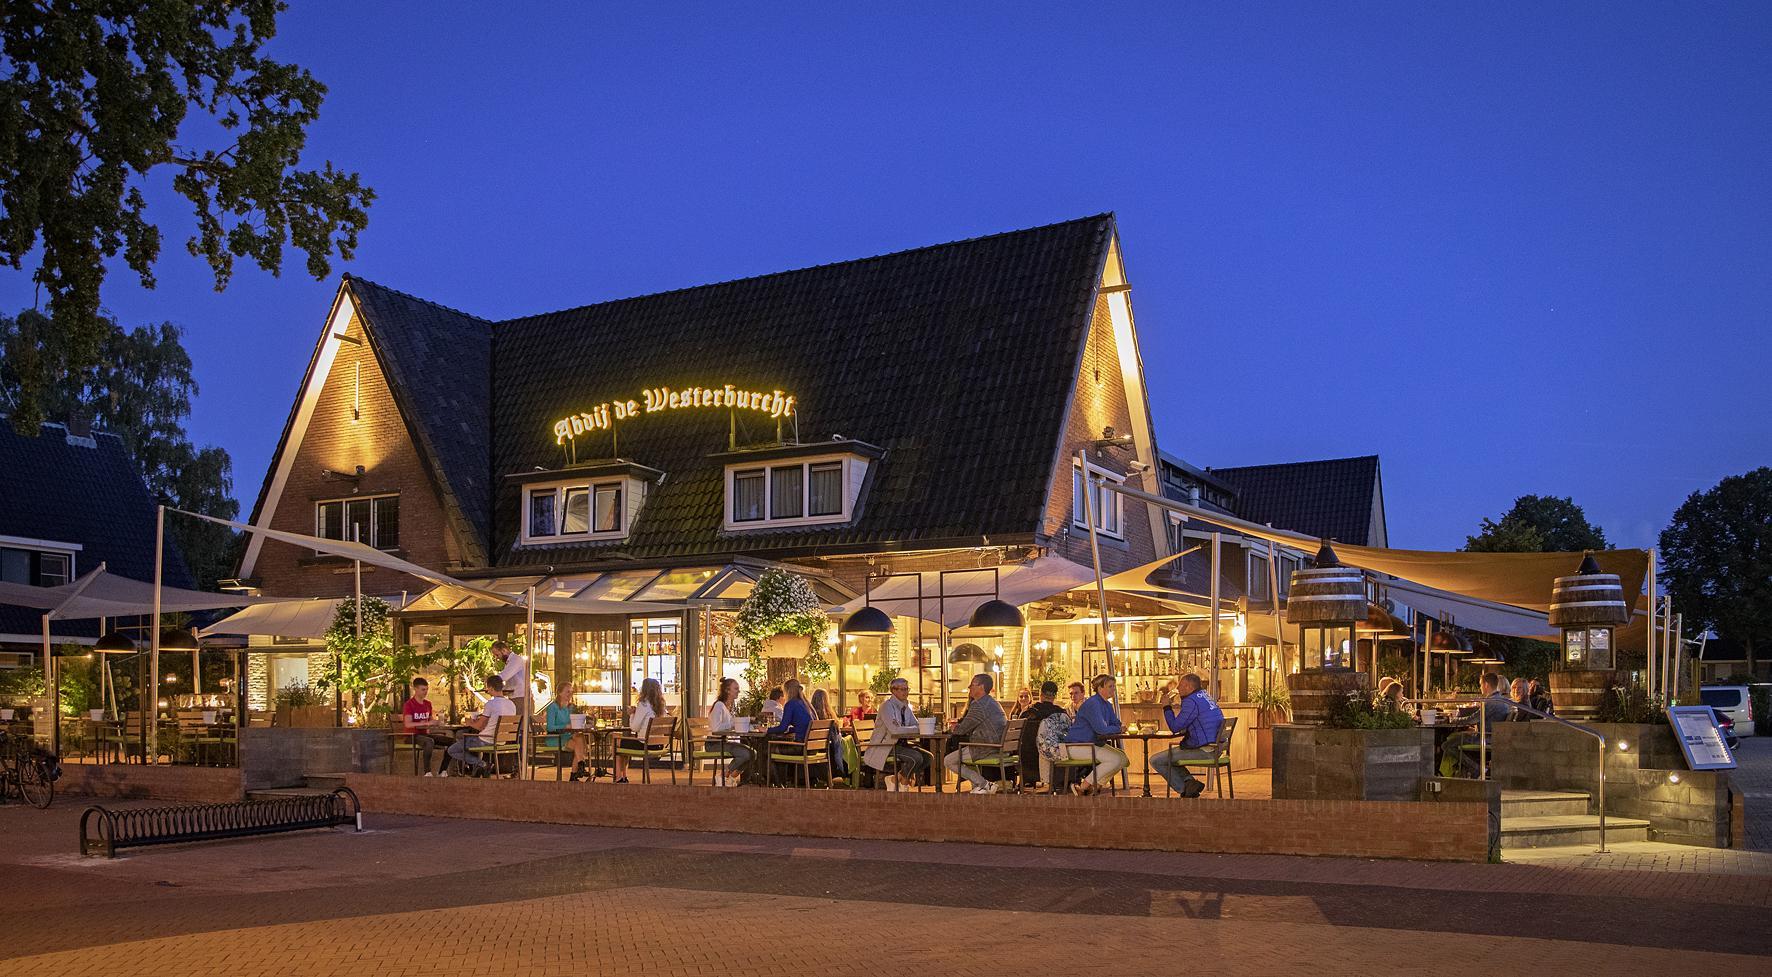 Verwarmt Terras Hotel restaurant Abdij de Westerburcht Westerbork